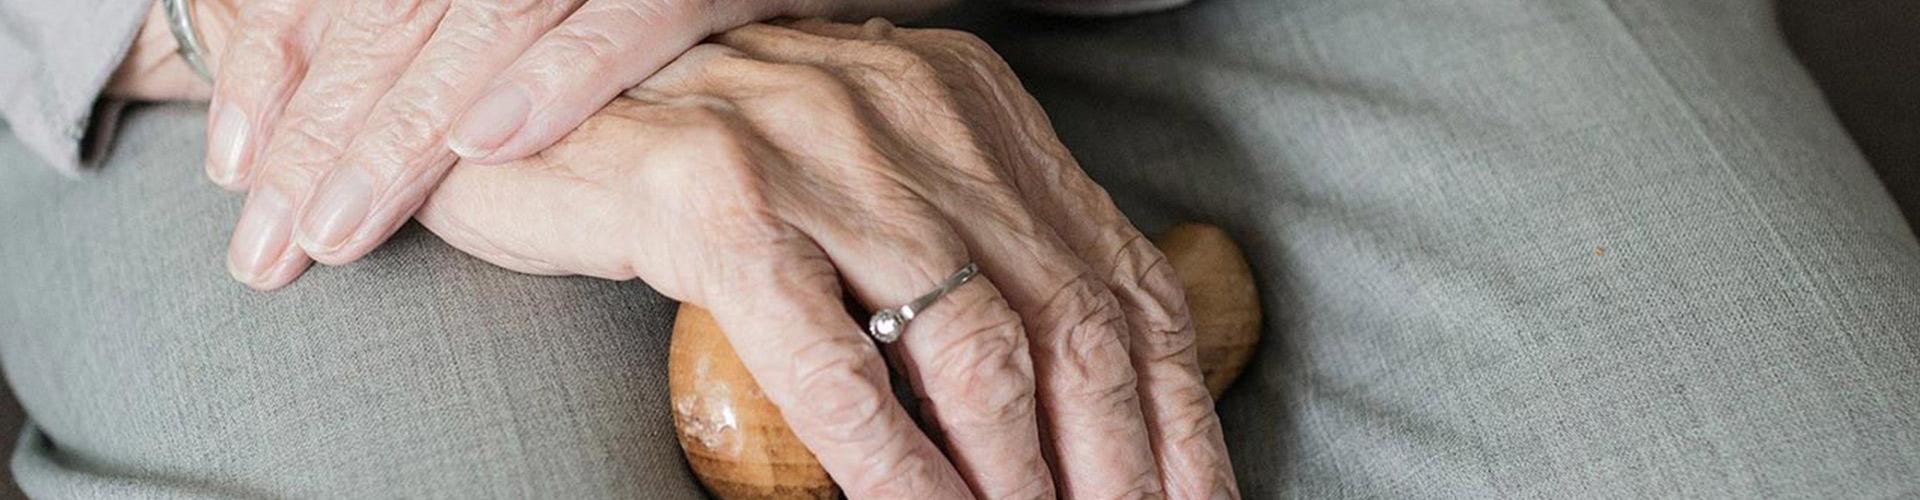 Pflegestärkungsgesetz & Pflegebedürftigkeitsbegriff